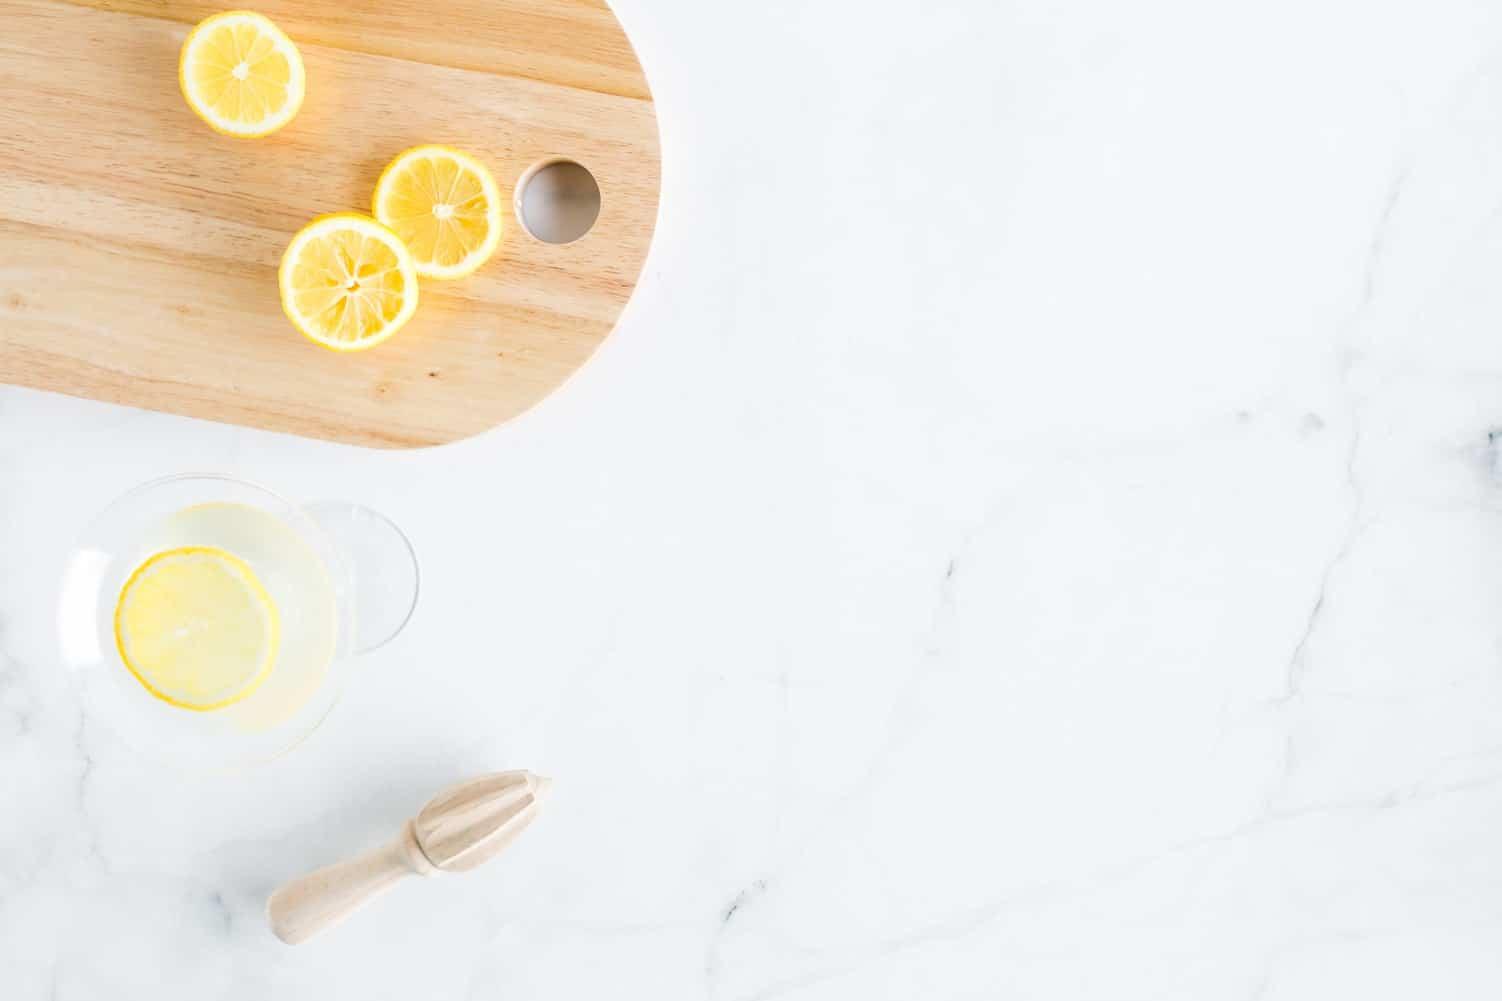 bienfaits du citron agrumes cuisine citron